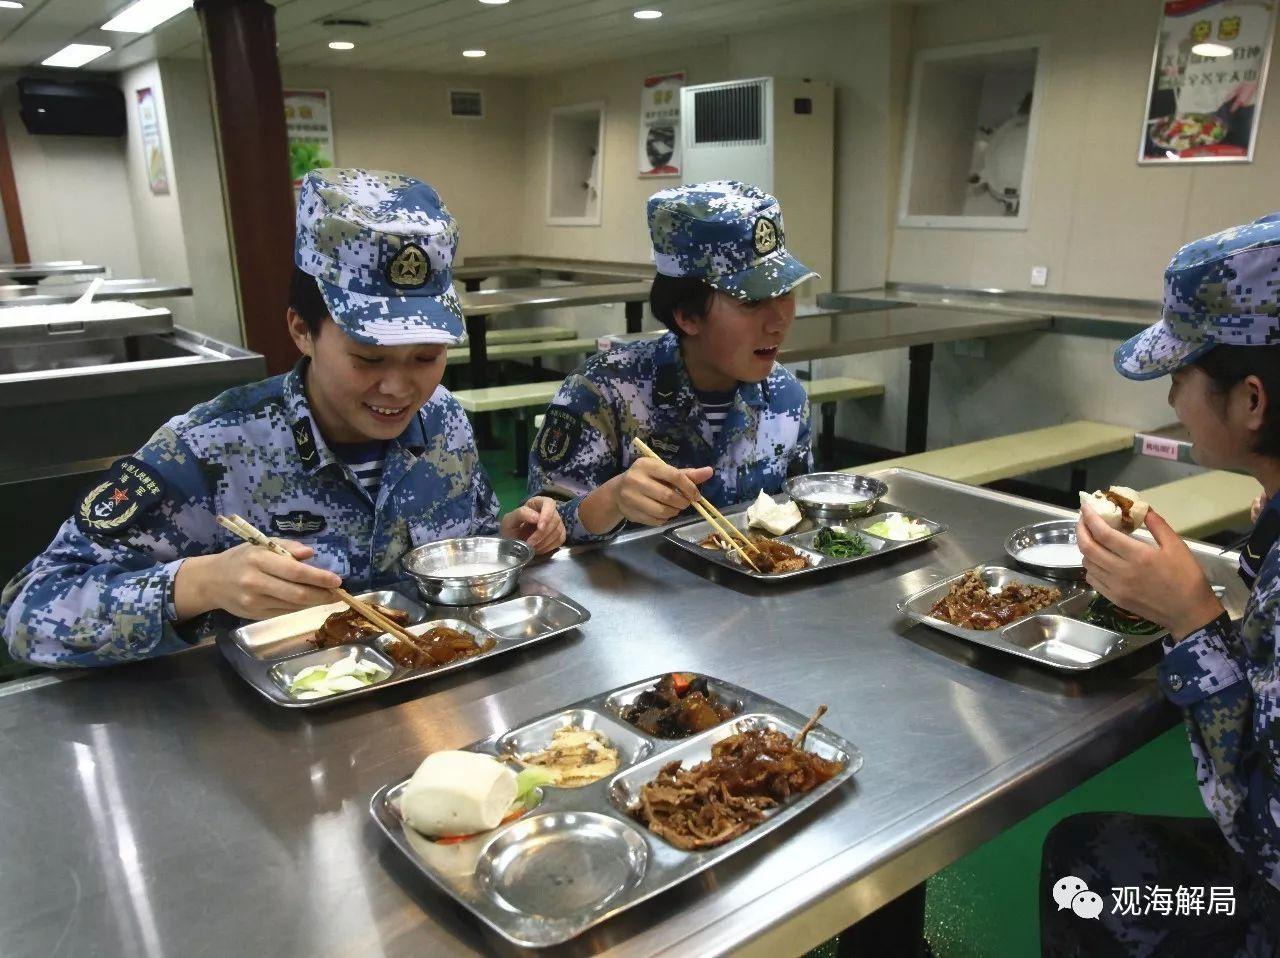 (值班人员吃饭比较晚)